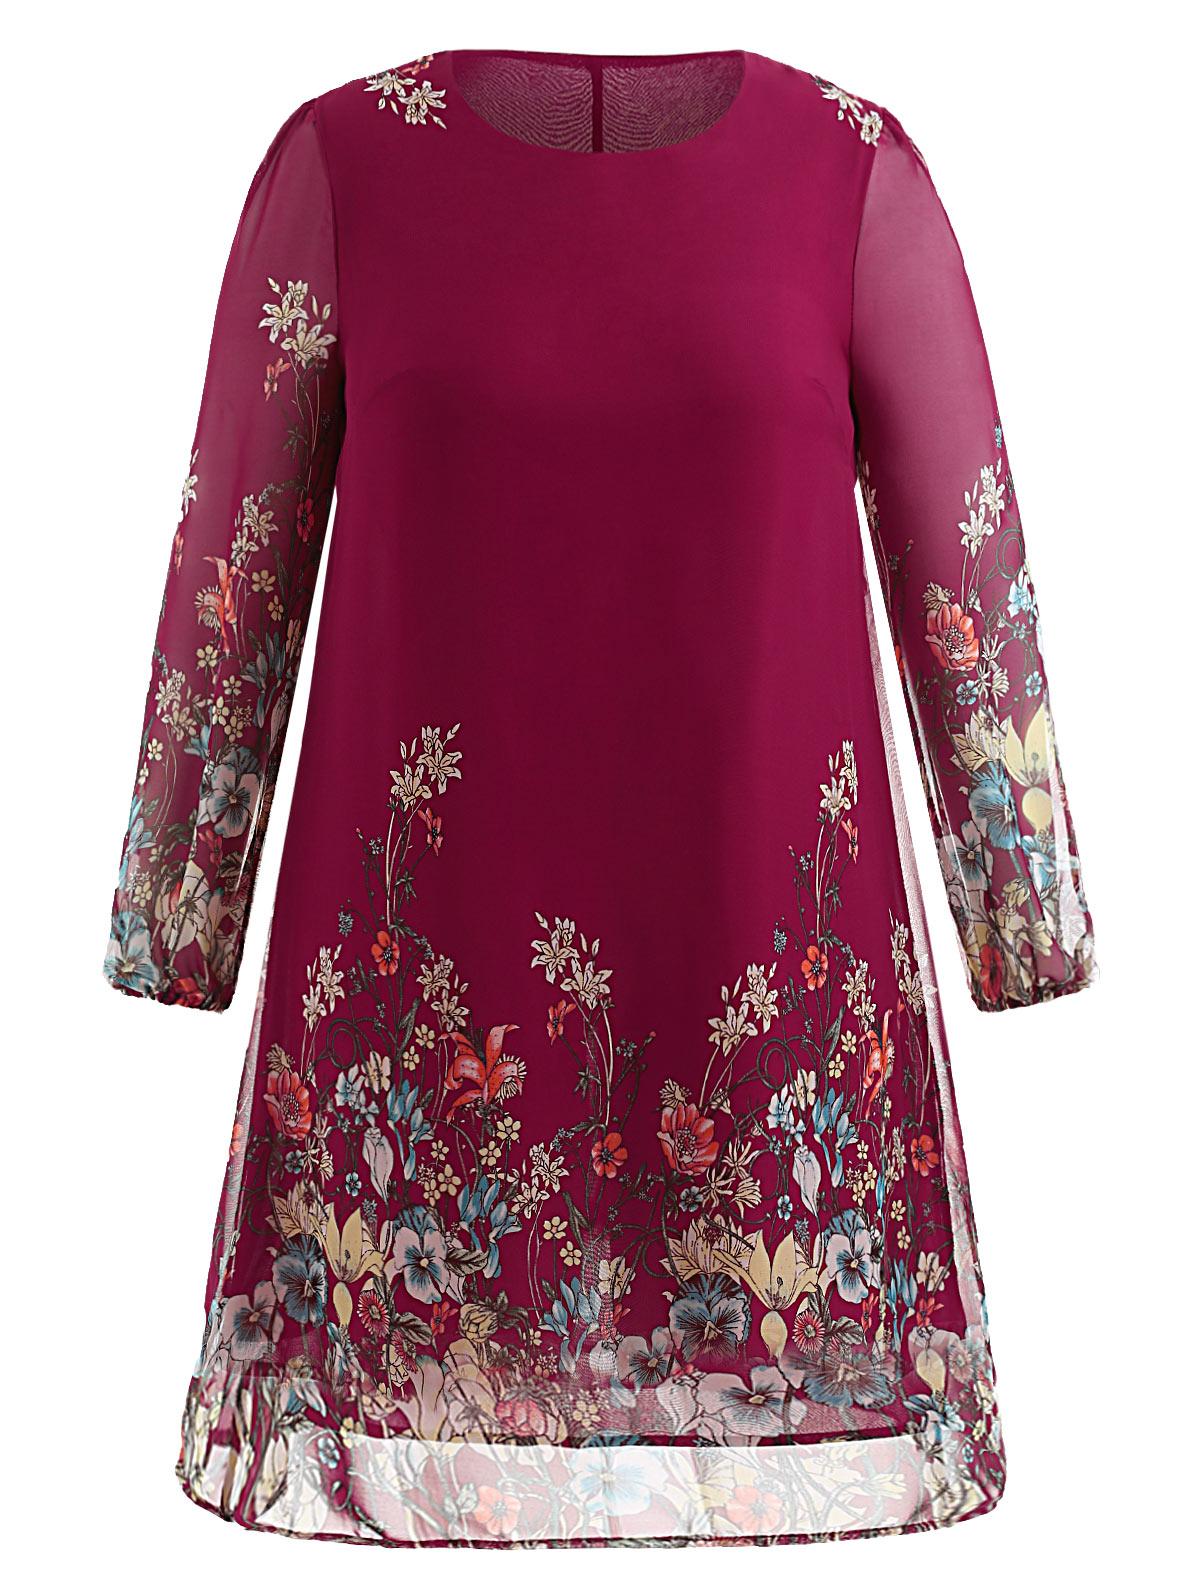 Robe grande taille à manches longues en mousseline de soie rose 2 dos